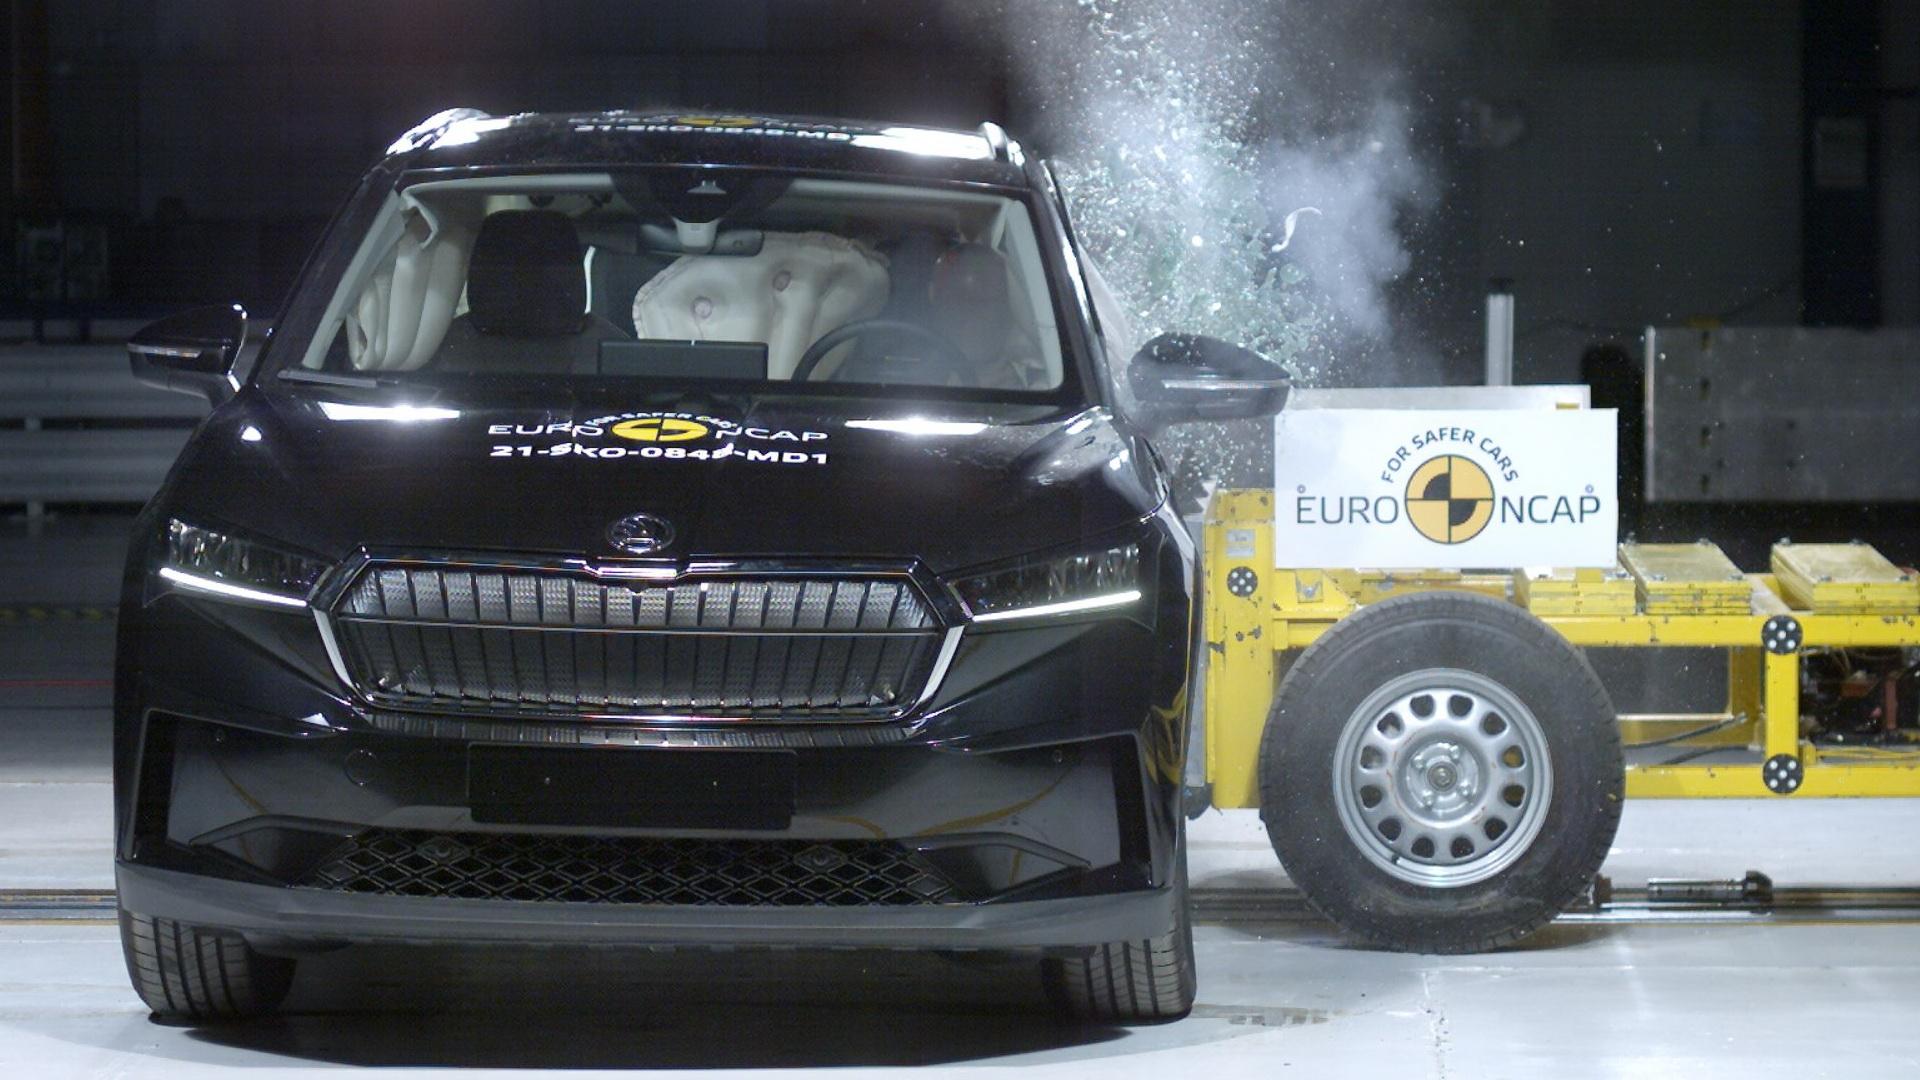 Πόσο ασφαλή είναι τα ηλεκτρικά Skoda ENYAQ iV και VW ID.4 σύμφωνα με τον Euro NCAP; (video)